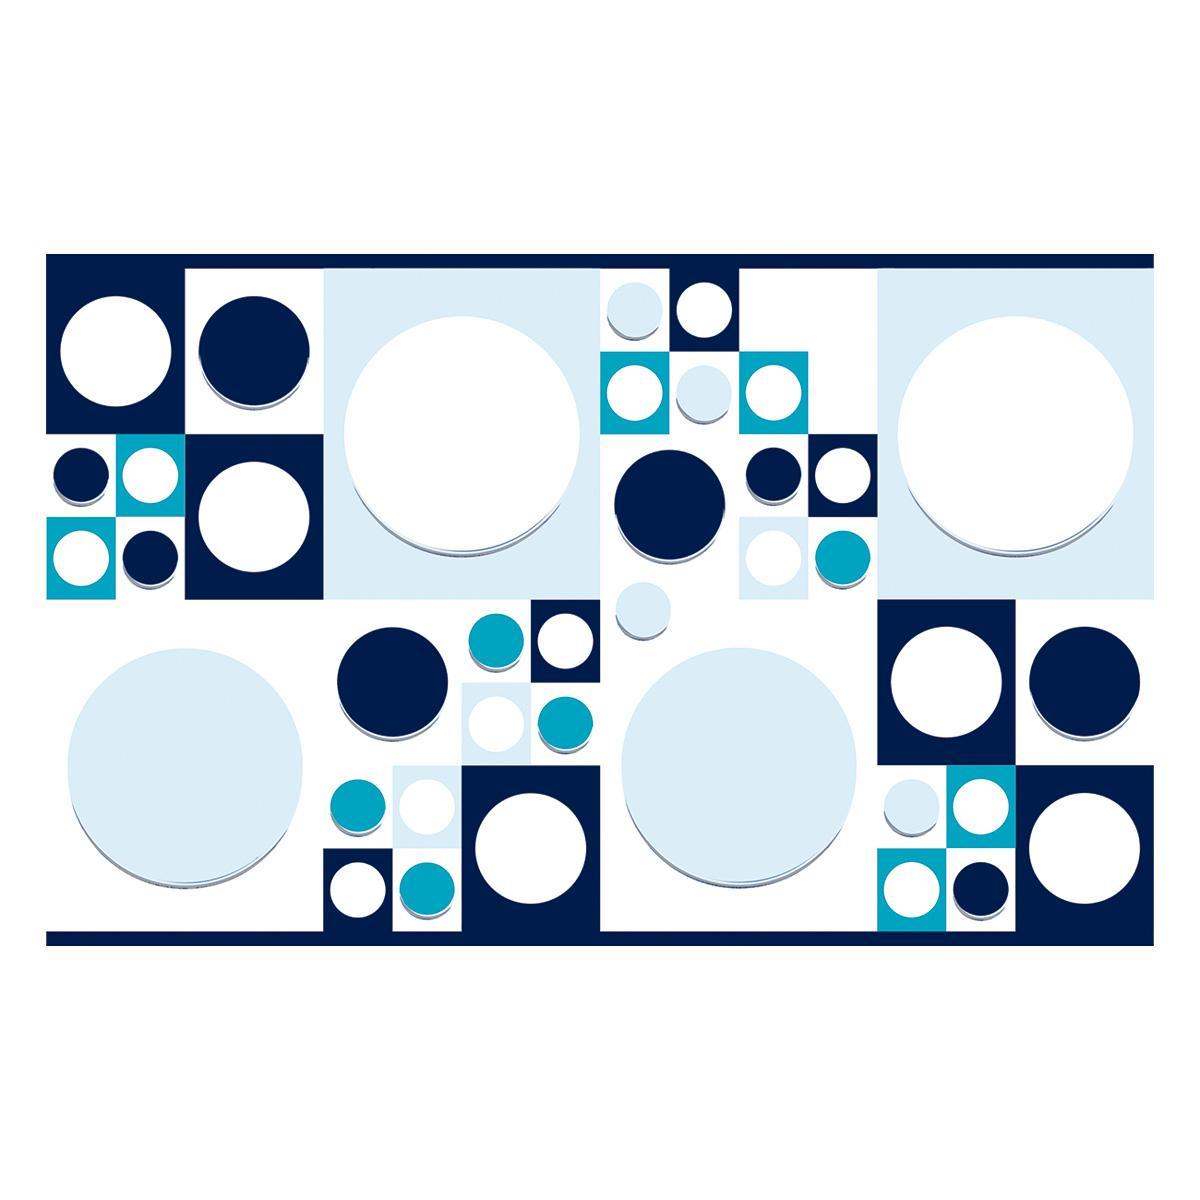 Inserto Decorado Azul Brillante - 25X40 cm - 1 pza